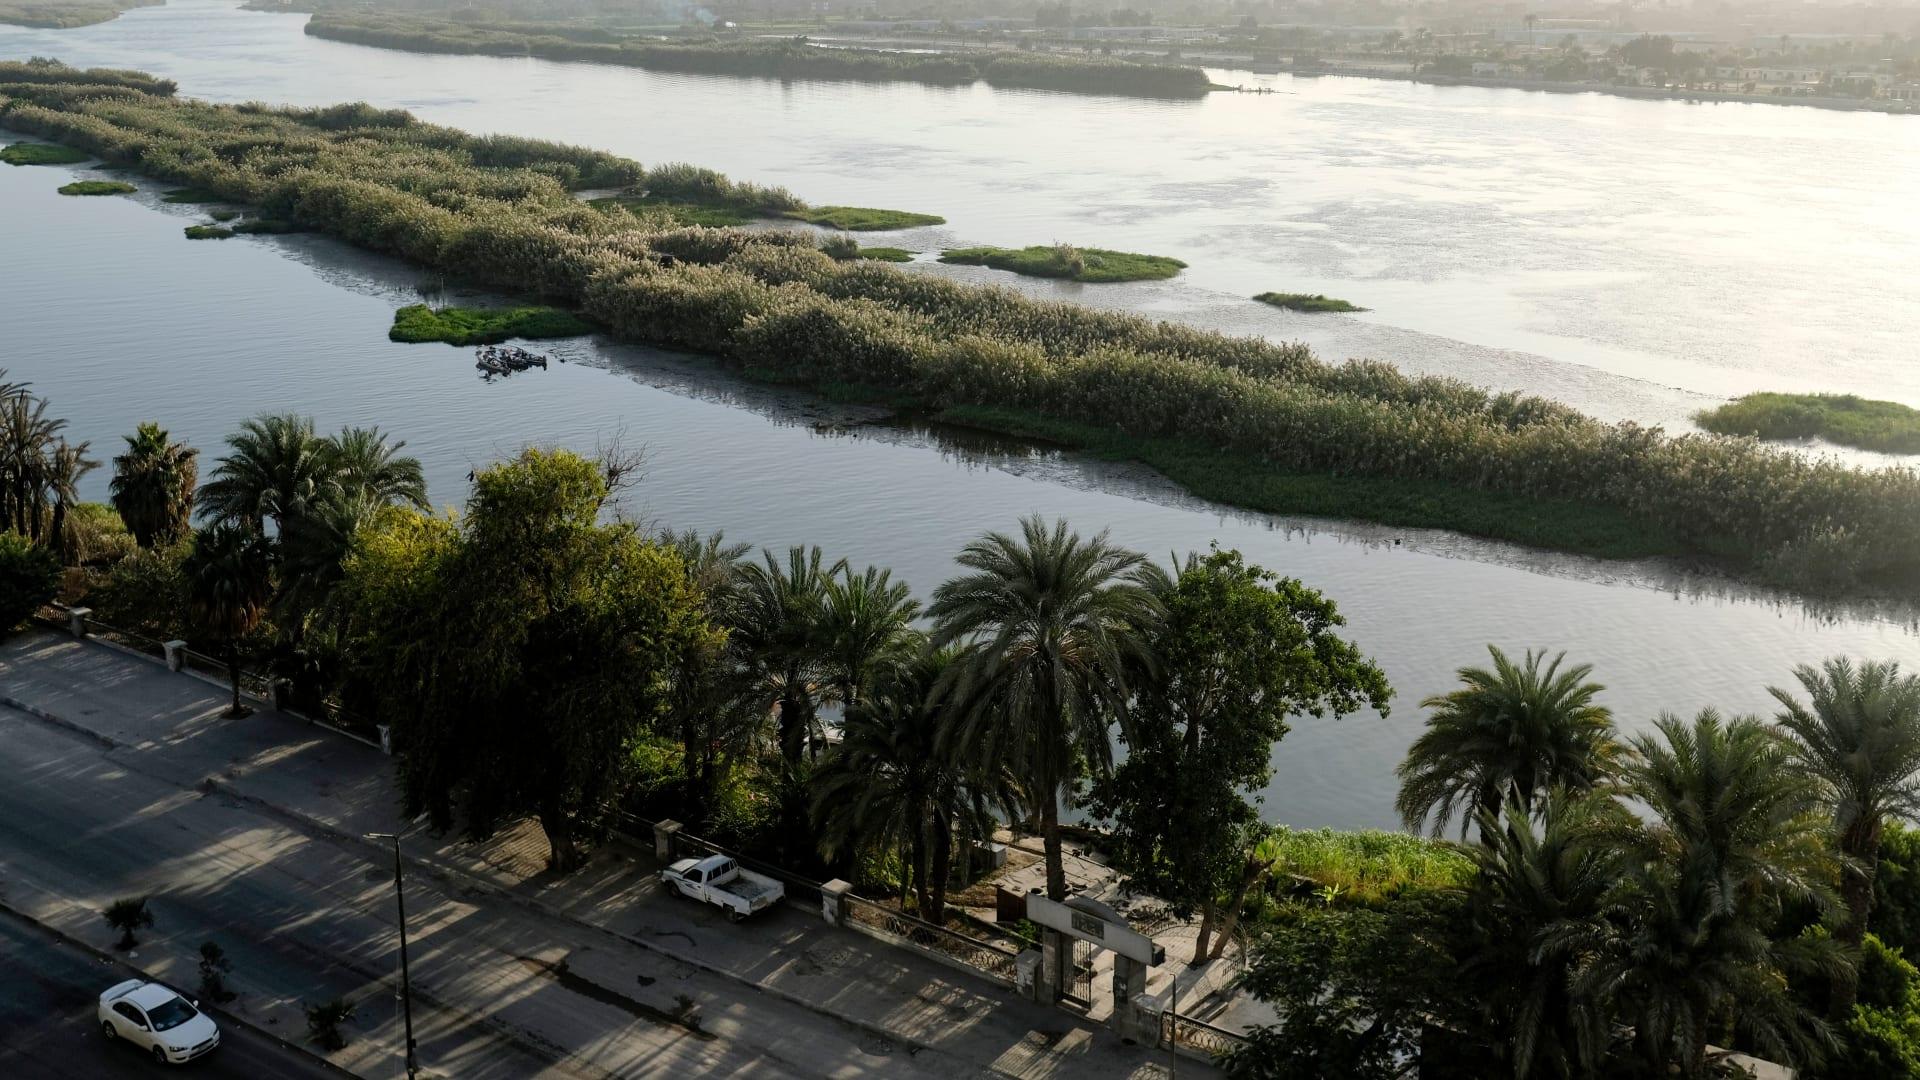 وزير الري المصري يتحدث عن المشاكل التقنية في سد النهضة.. ويكشف طريقة الوقاية من الانهيار